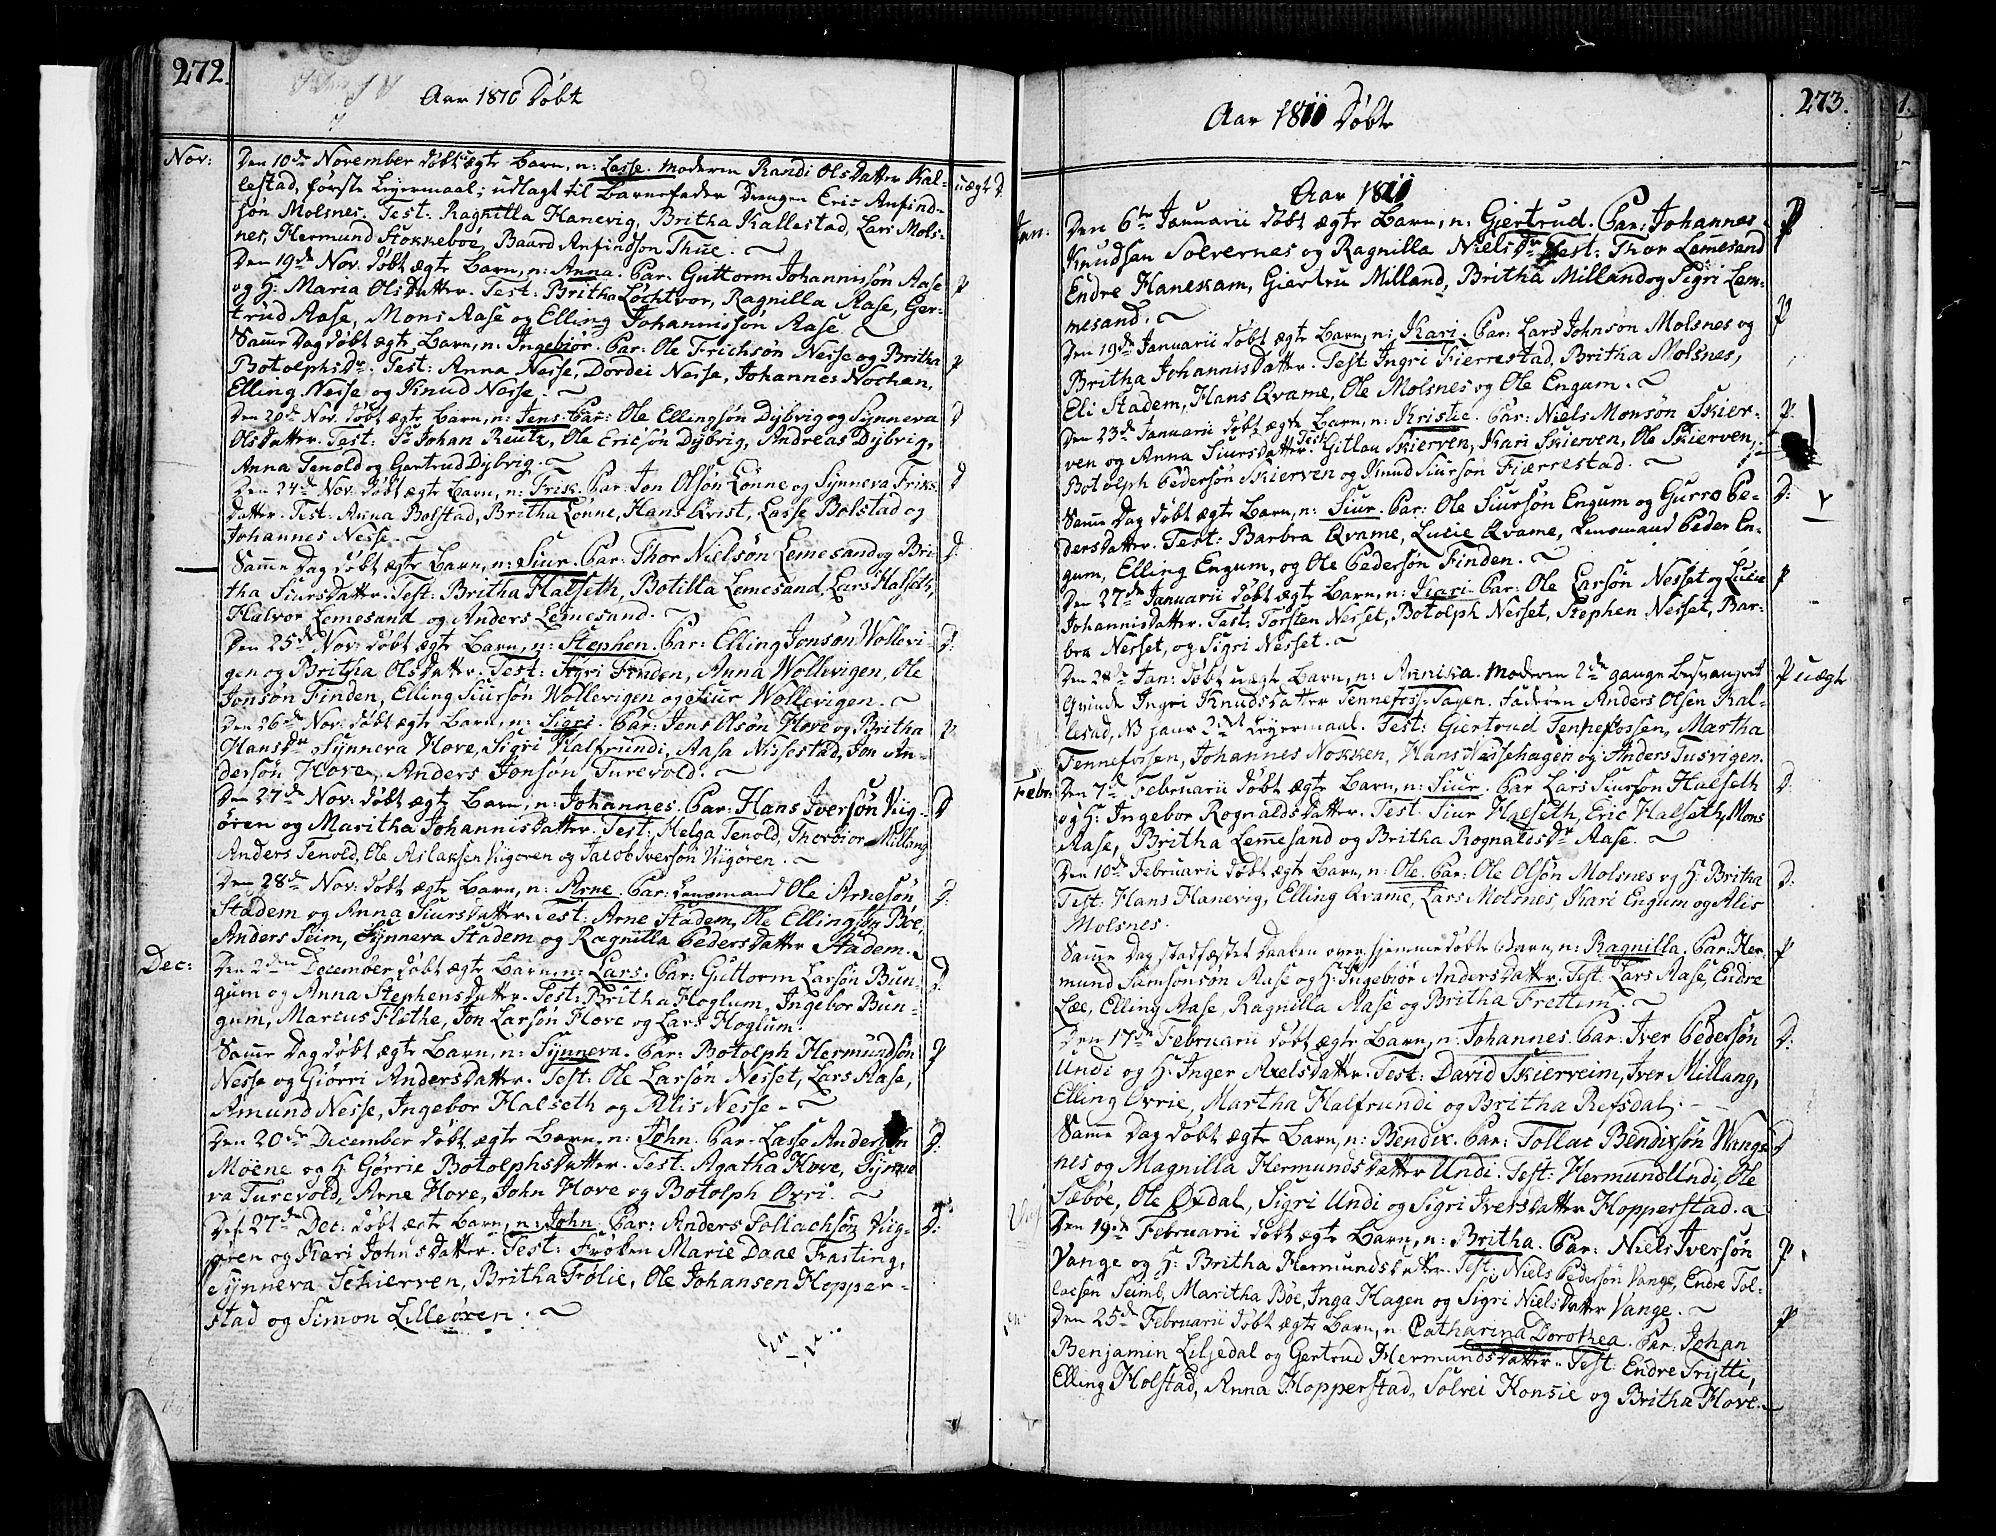 SAB, Vik Sokneprestembete, Ministerialbok nr. A 5, 1787-1820, s. 272-273